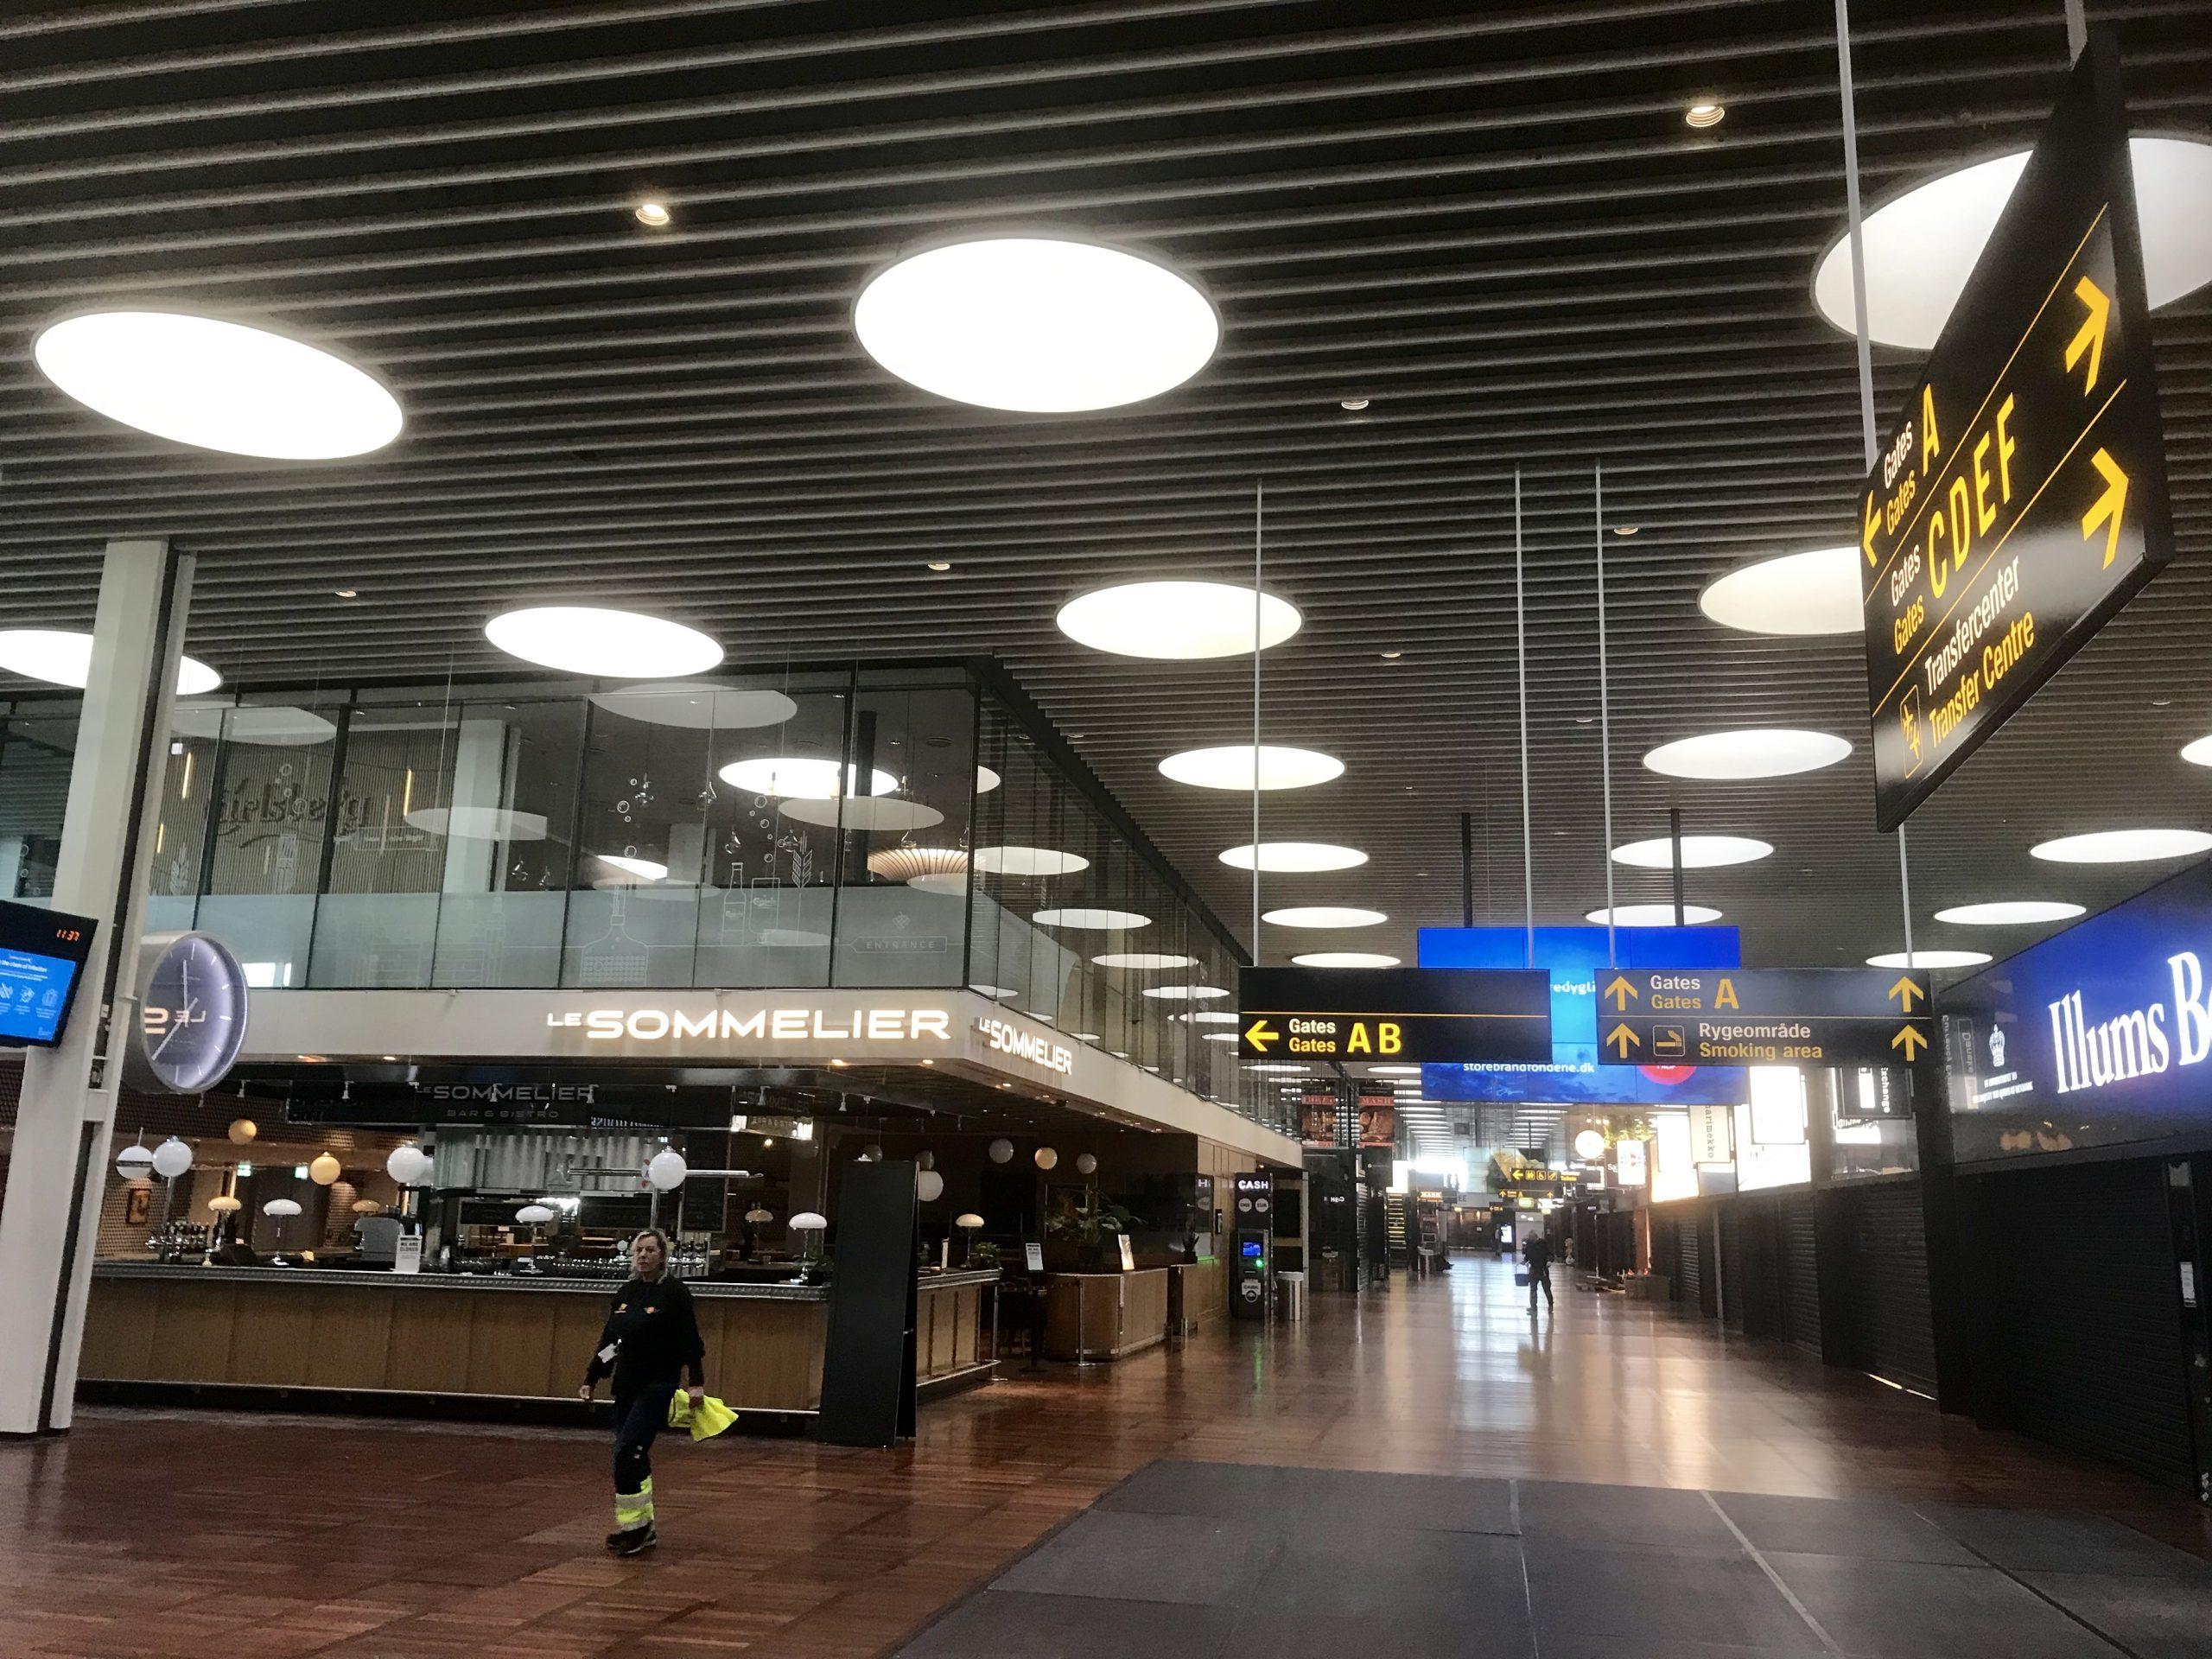 En næsten tom transithal i Københavns Lufthavn under coronakrisen. Fra starten af næste måned frygtes nye og mere smitsomme virusvarianter at udgøre cirka 80 procent af smittetilfældene i Danmark. Arkivpressefoto fra Københavns Lufthavn.